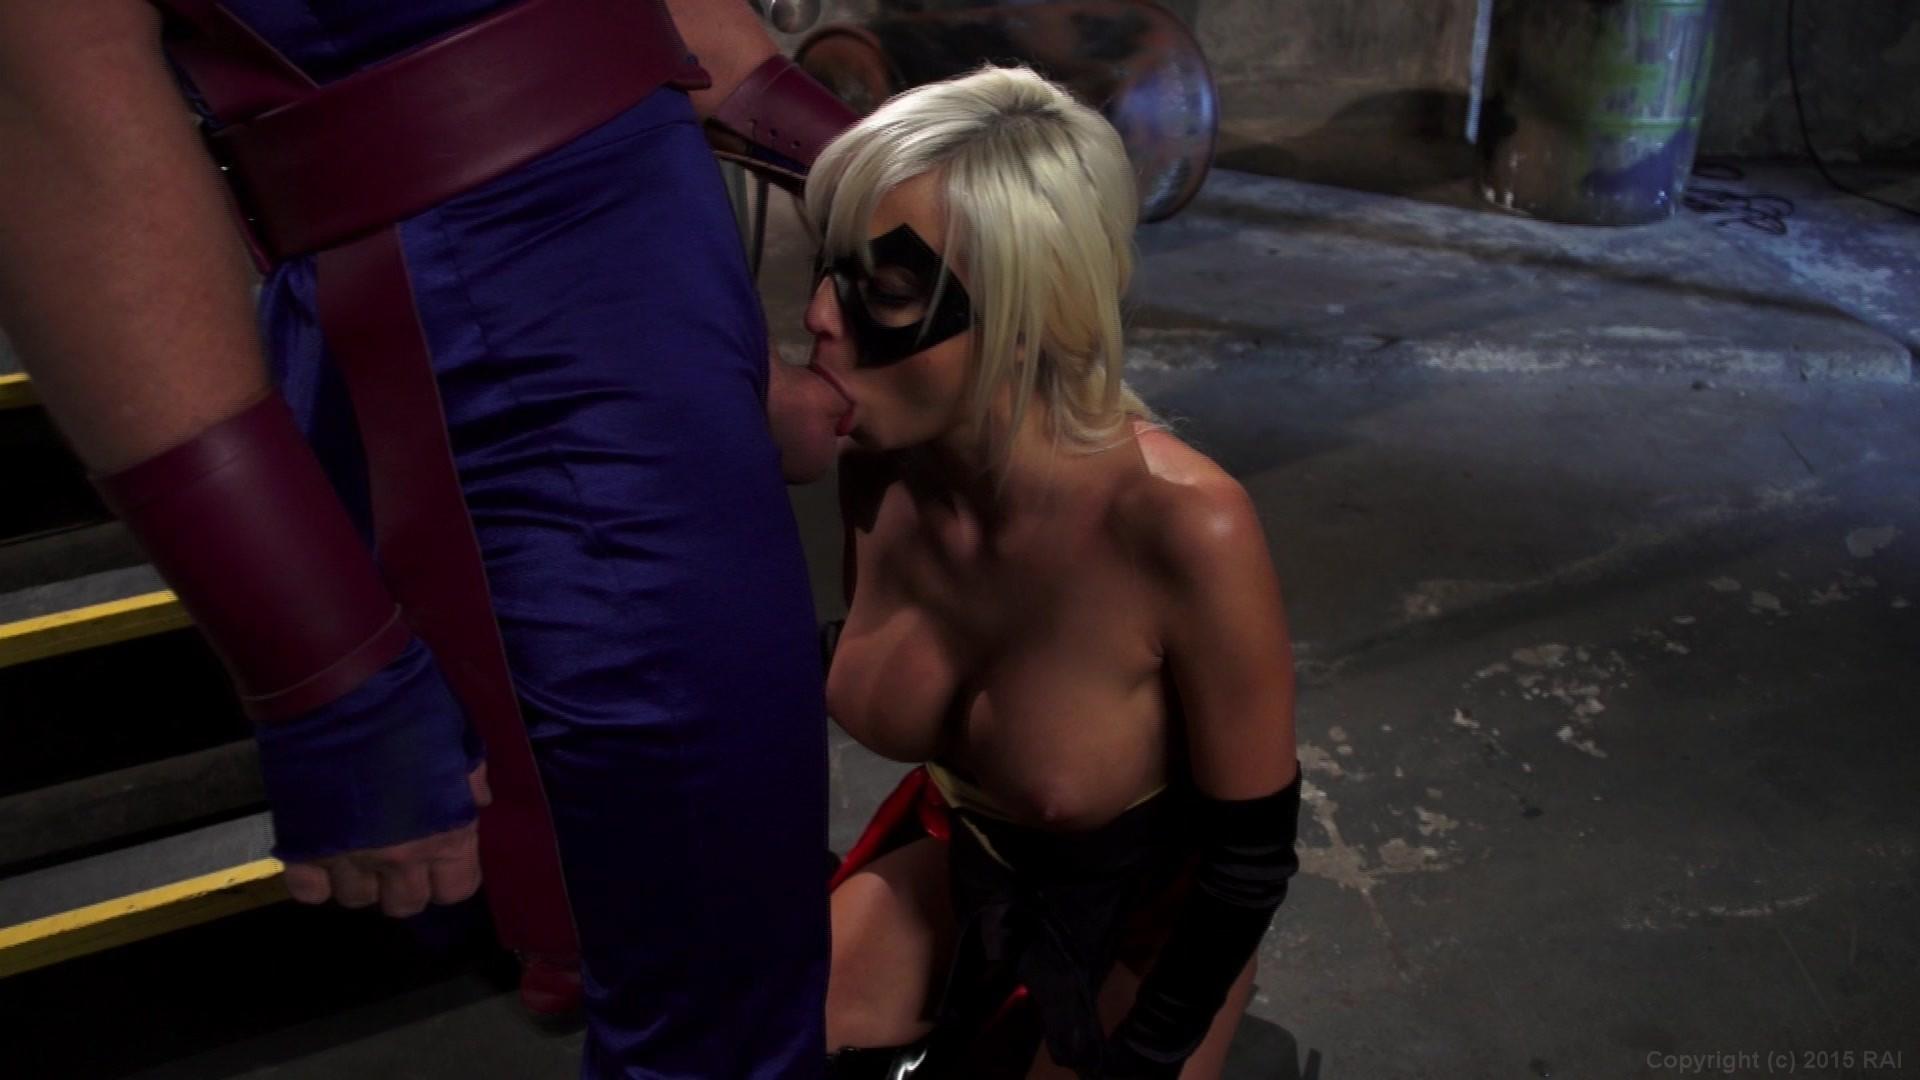 Teen Shaking Her Ass